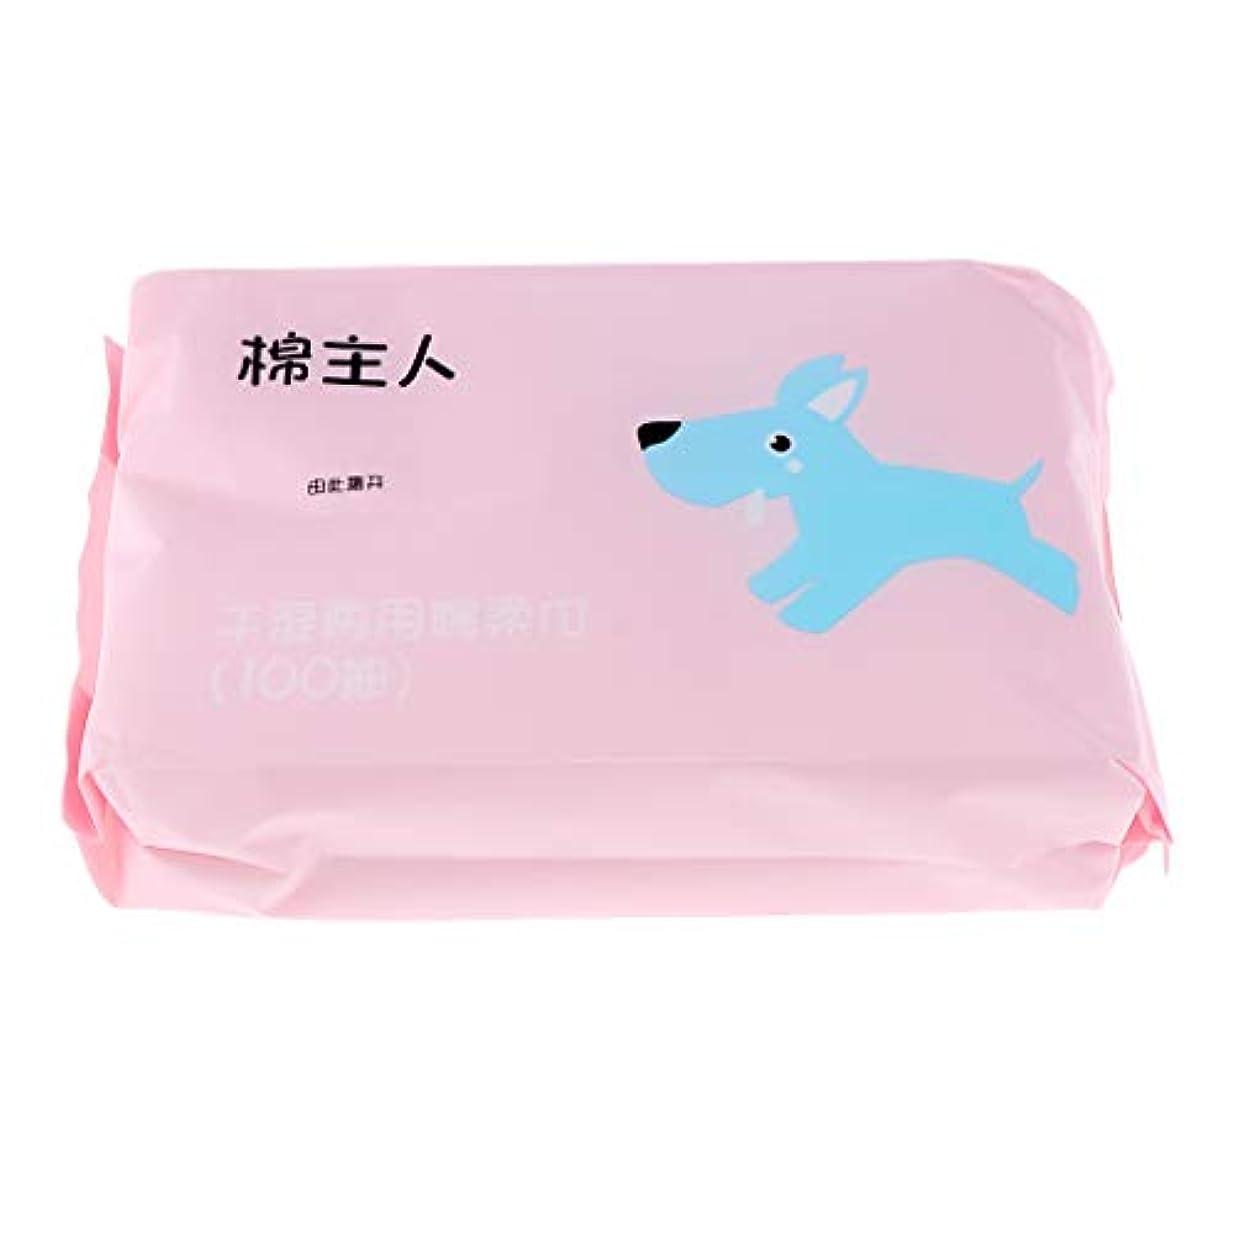 凶暴な移動ジョブ約100枚 使い捨て フェイシャルタオル クリーニング フェイスタオル 化粧品 ソフト 2色選べ - ピンク